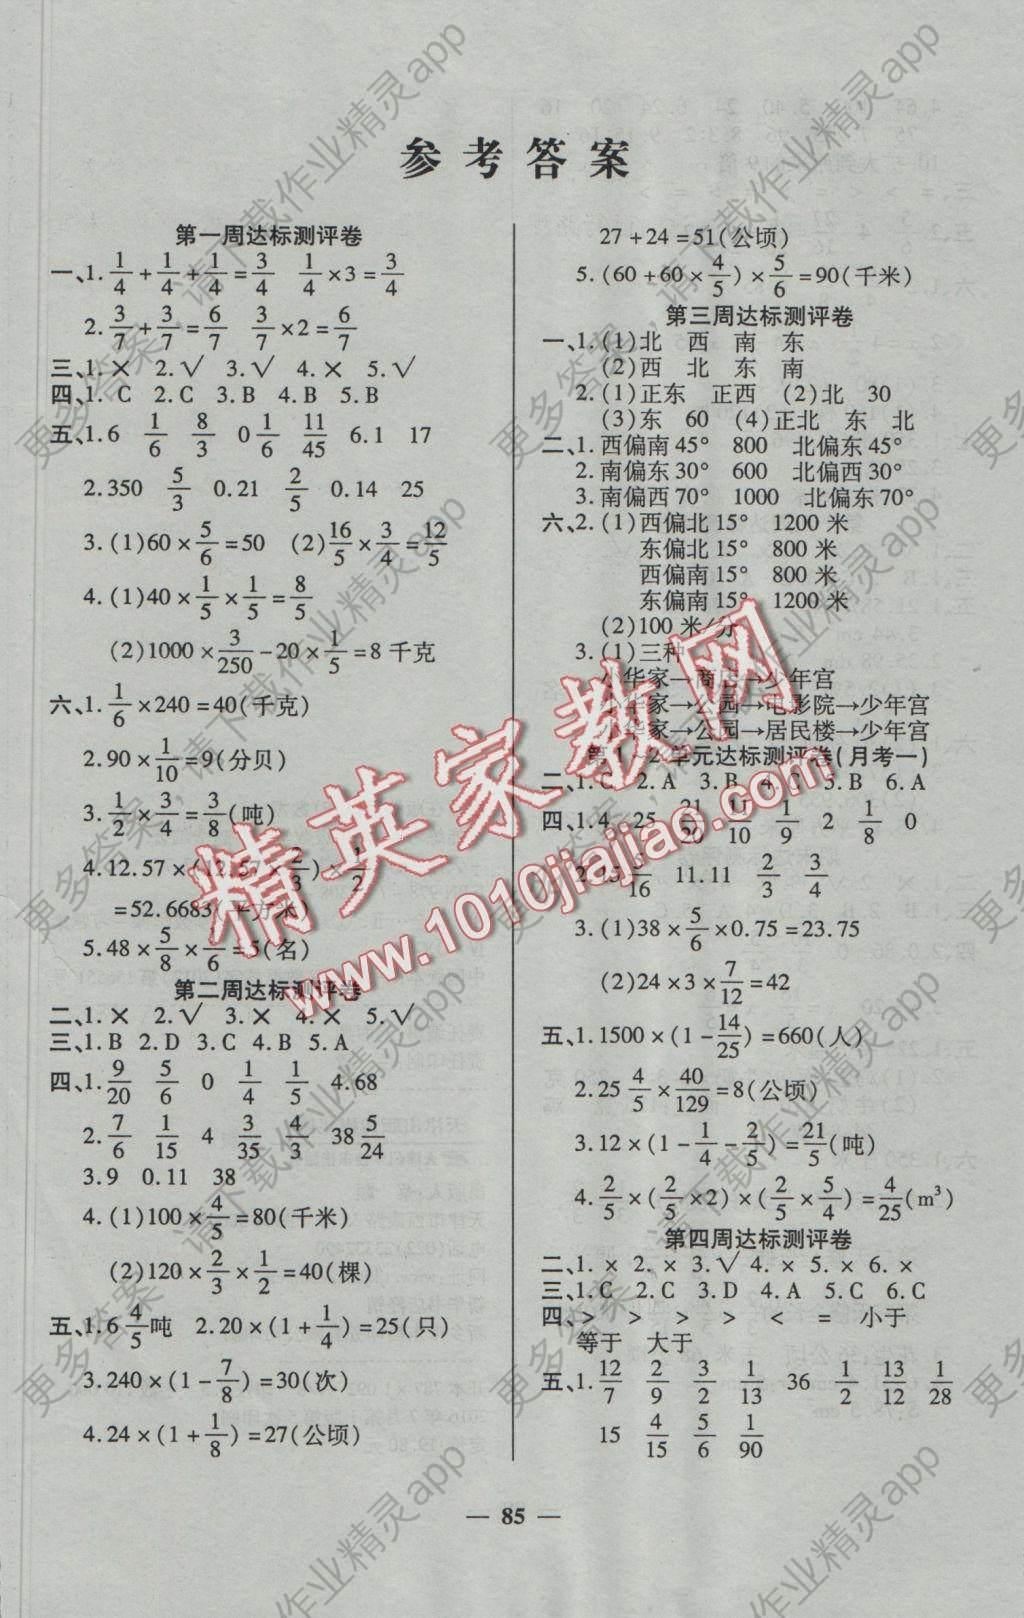 2016年全能练考卷六年级数学上册人教版答案